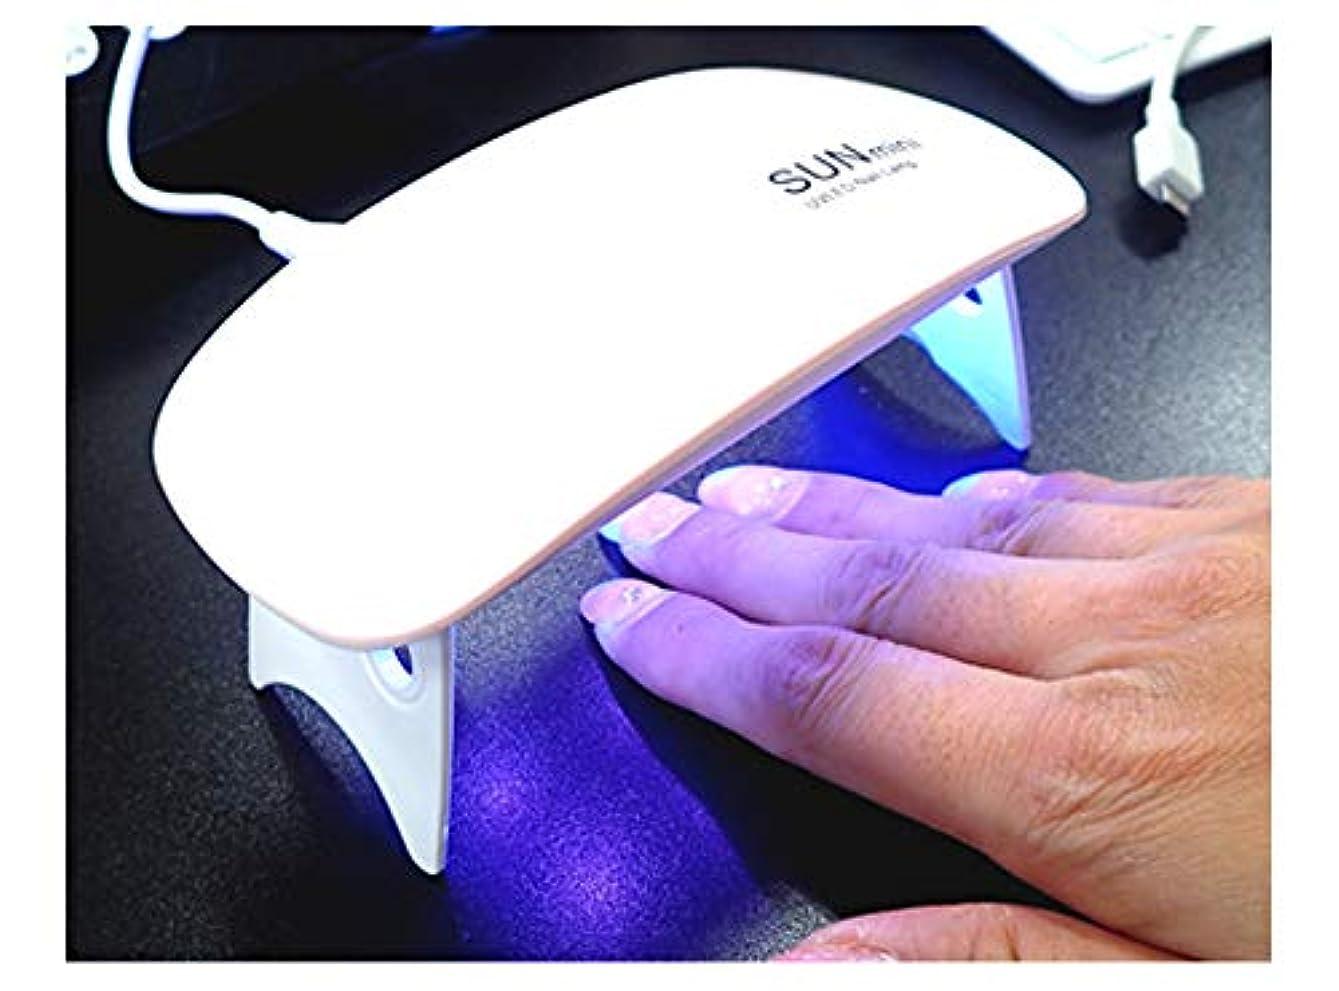 避難自慢汚染最新モデル スリム型ジェルネイルライト レジンクラフトに ジェルネイルに USBコード給電式 UVライト LEDライト 硬化ライト 折りたたみ式 ネイルドライヤー 日本語パッケージ 6ヶ月保証付 (ホワイト)